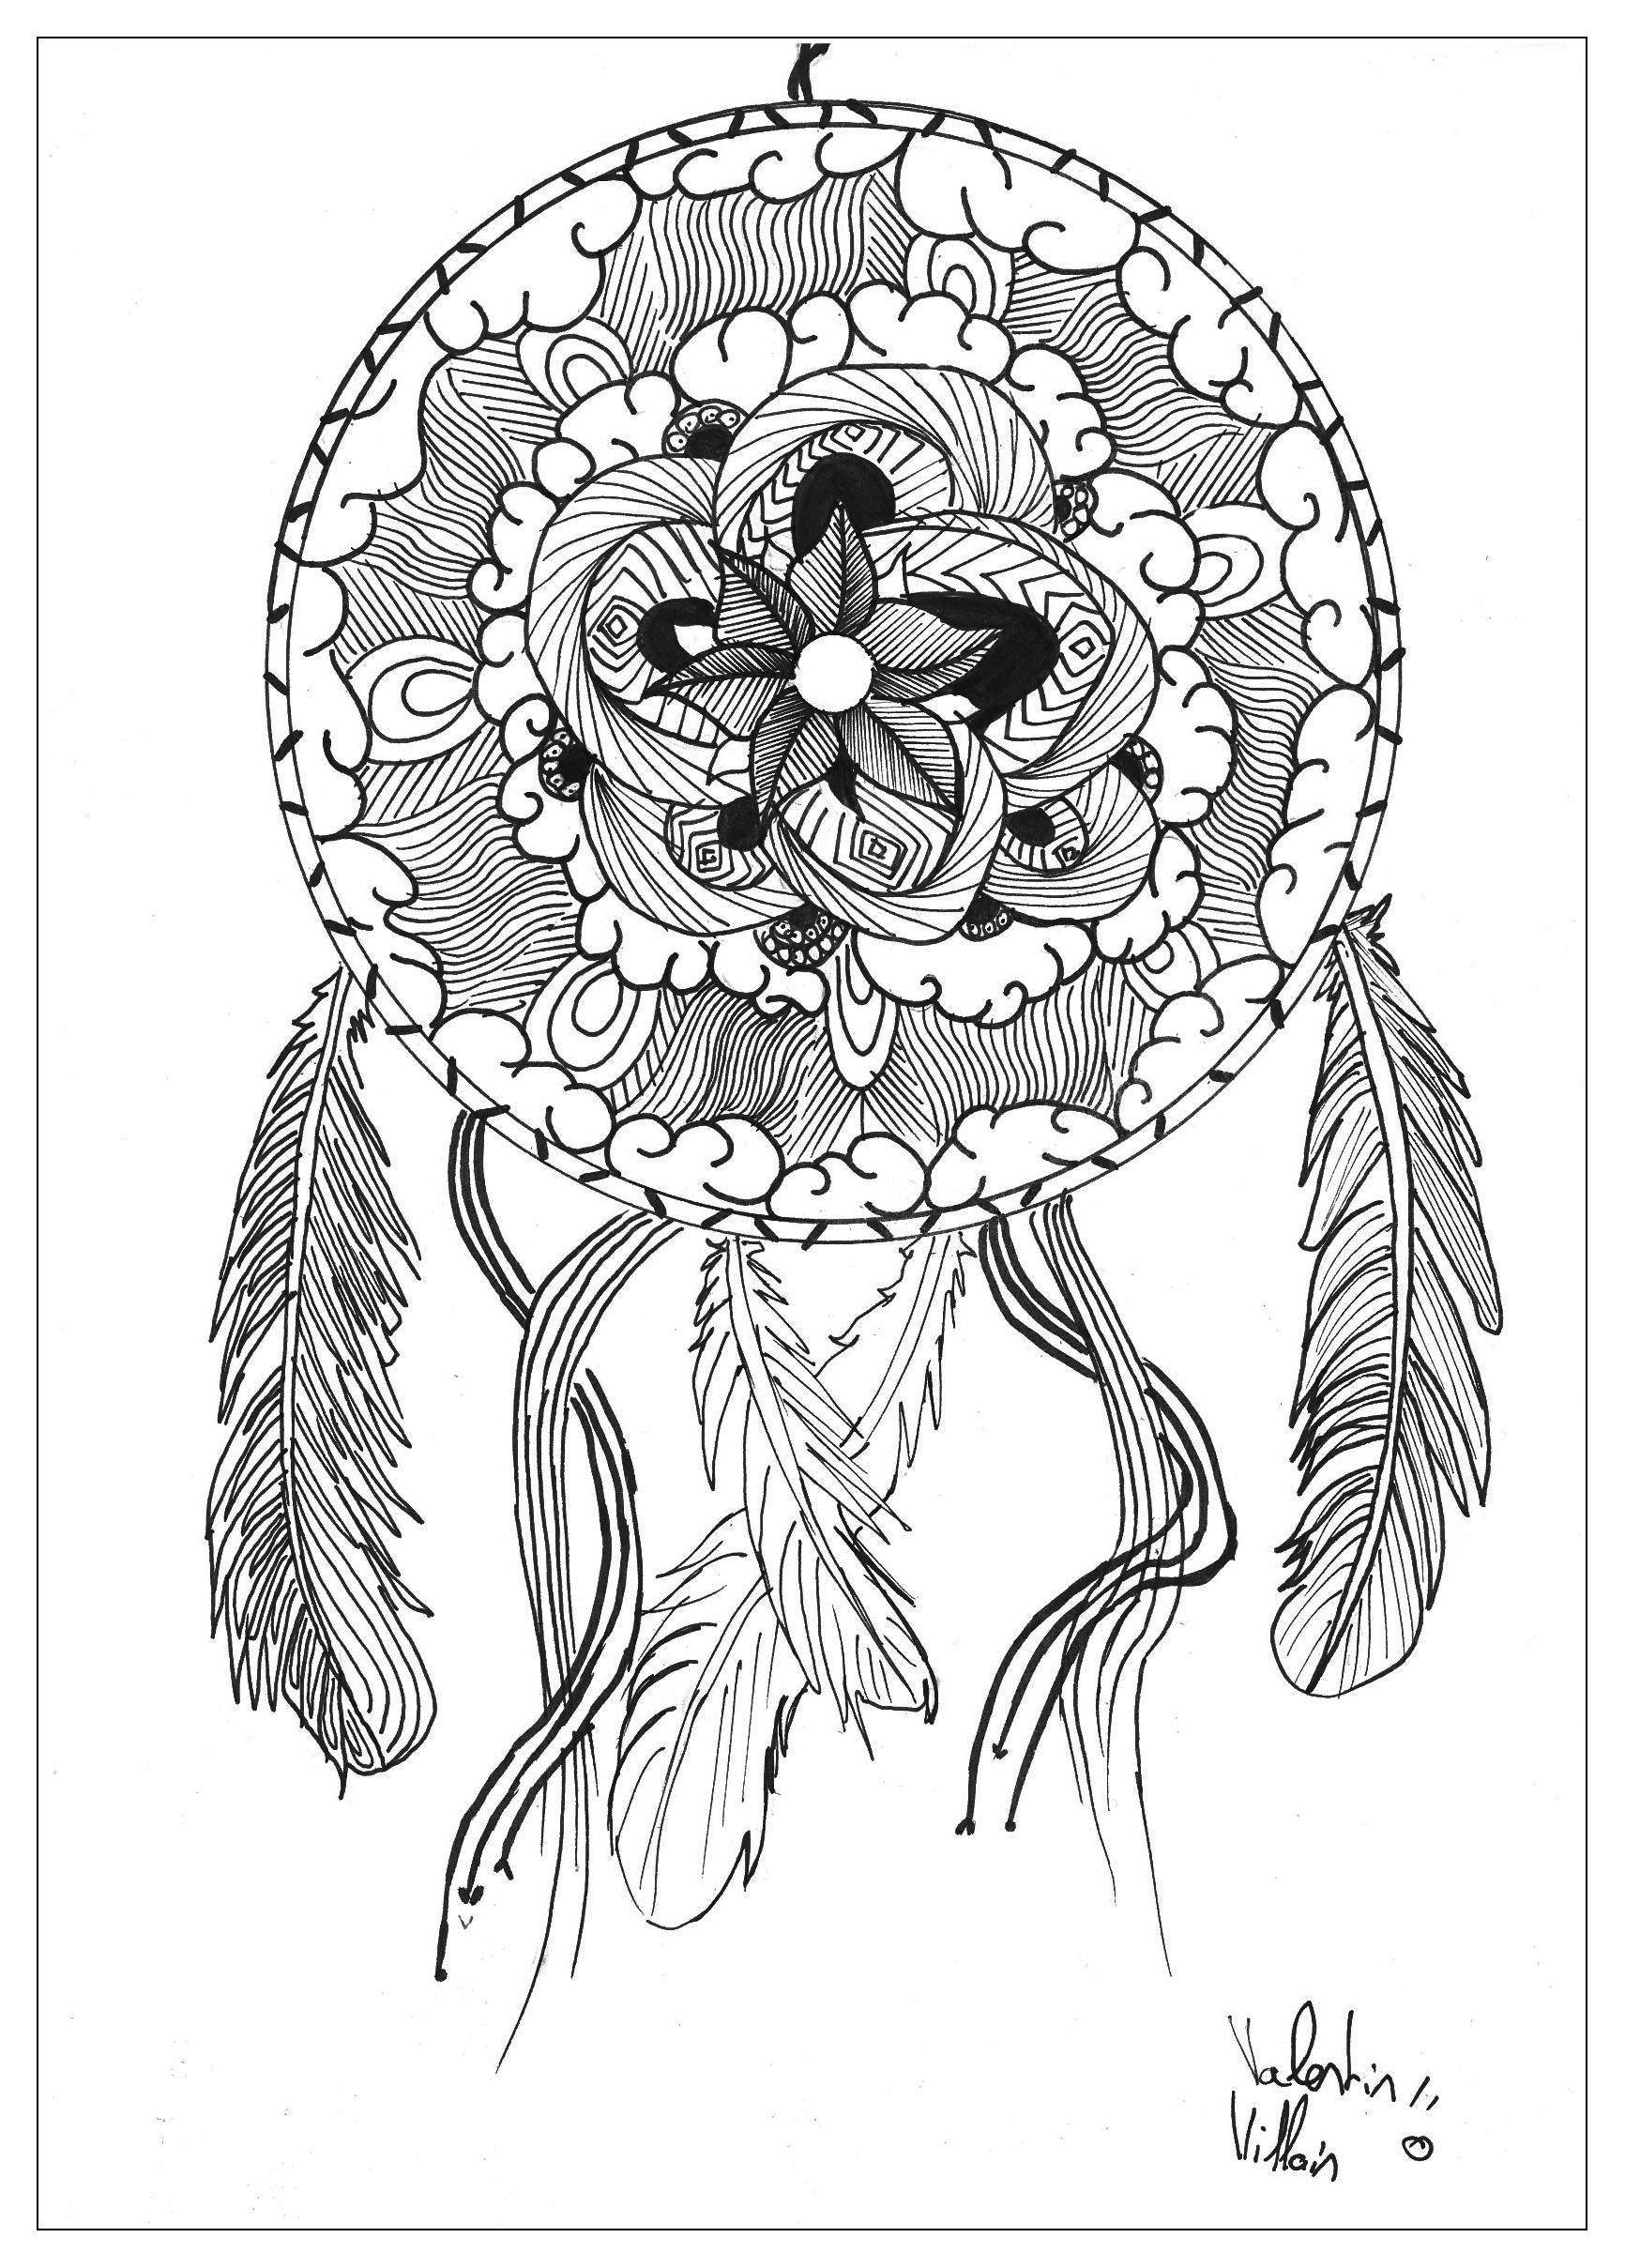 Mandalas Coloriages difficiles pour adultes coloriage adulte dessin Mandala capteur de reve par valentin